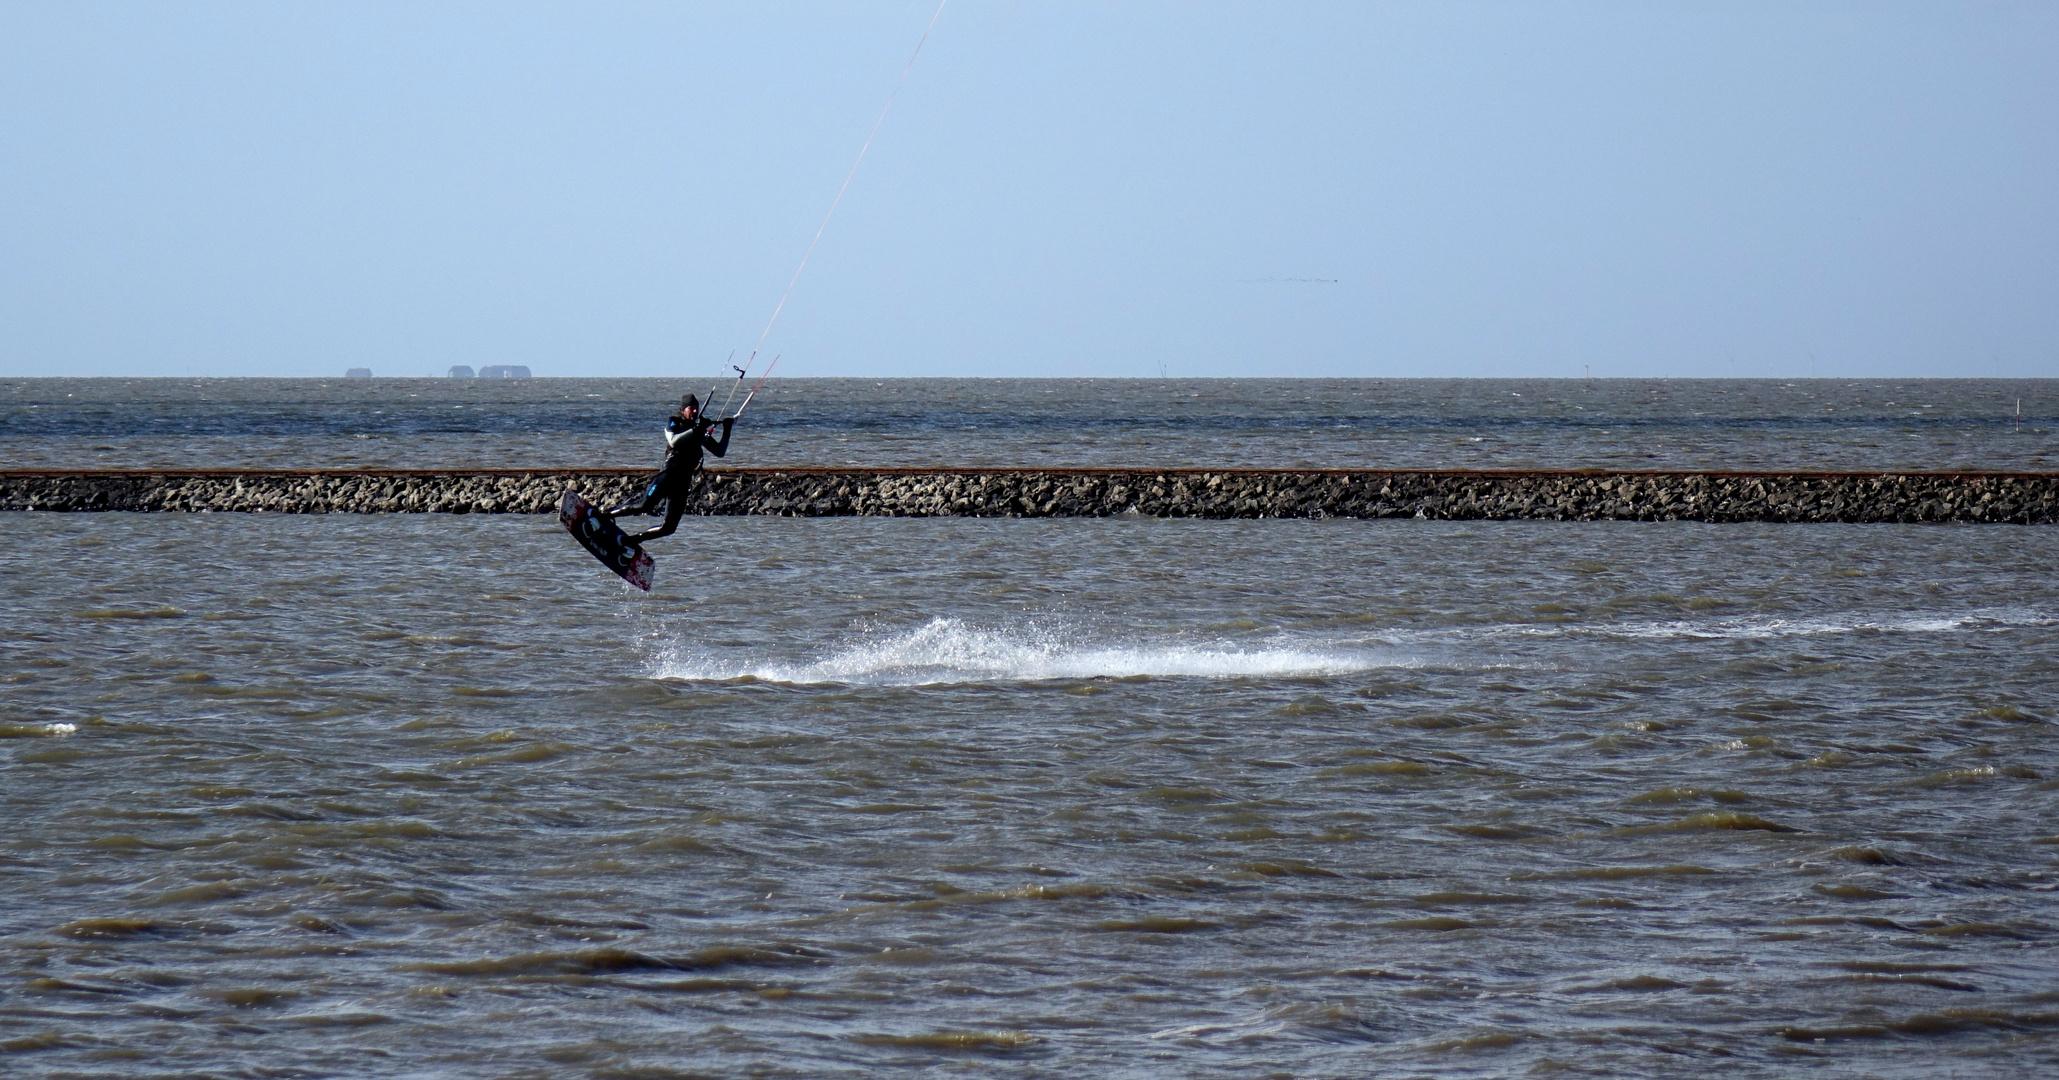 Heute war Kitesurfer-Wetter an der Nordsee...